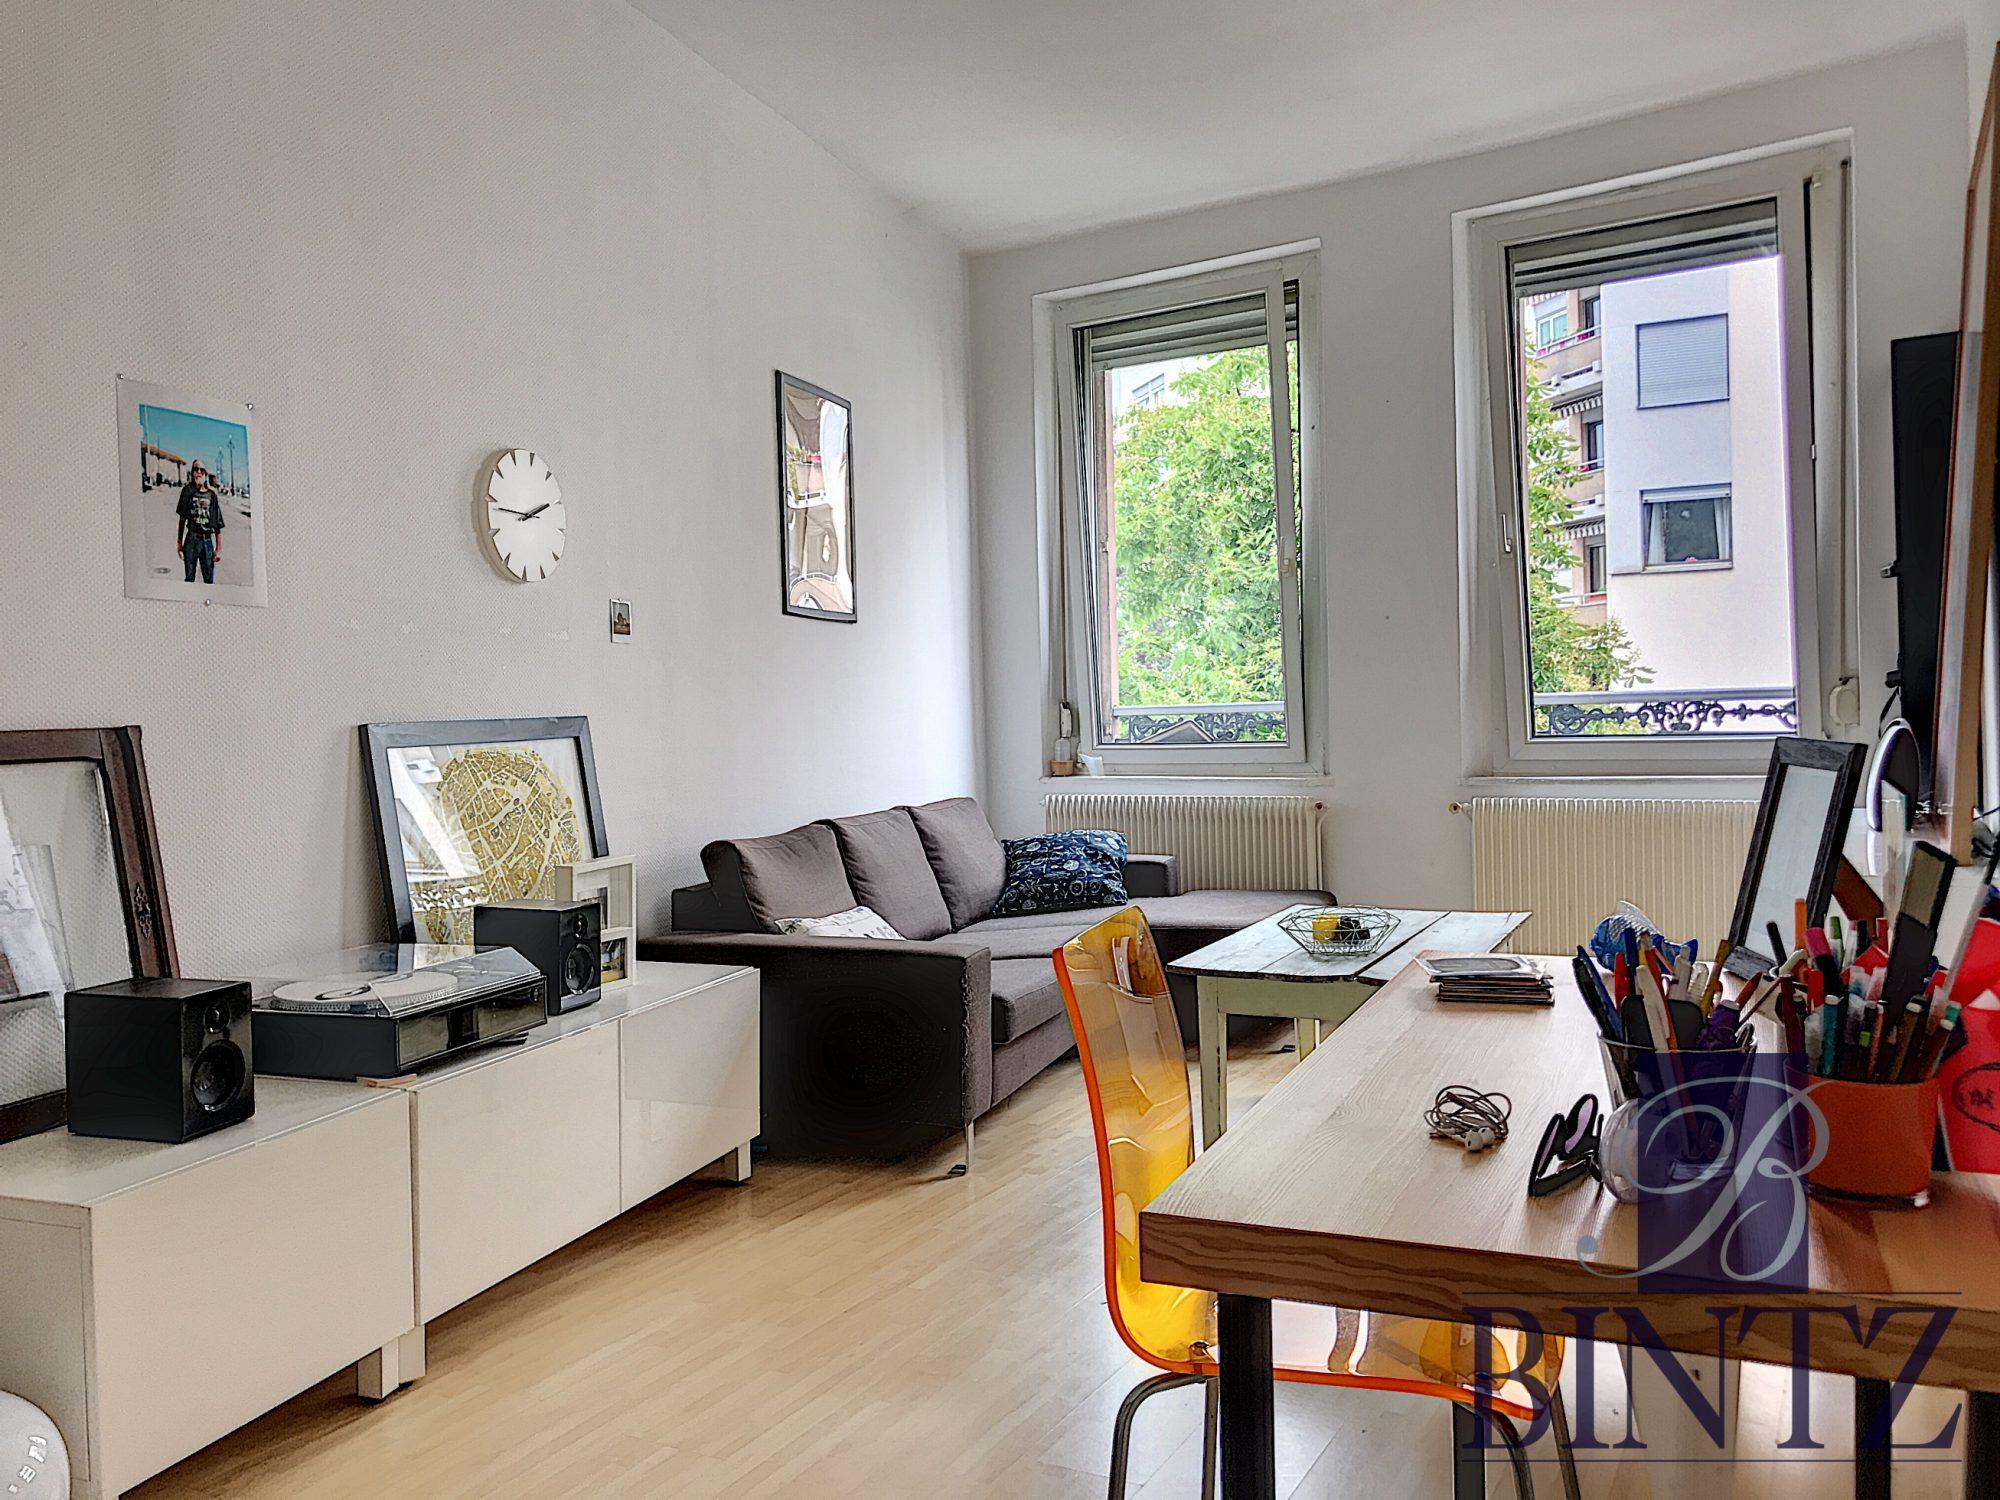 2 PIÈCES RUE DE ZURICH - Devenez locataire en toute sérénité - Bintz Immobilier - 3